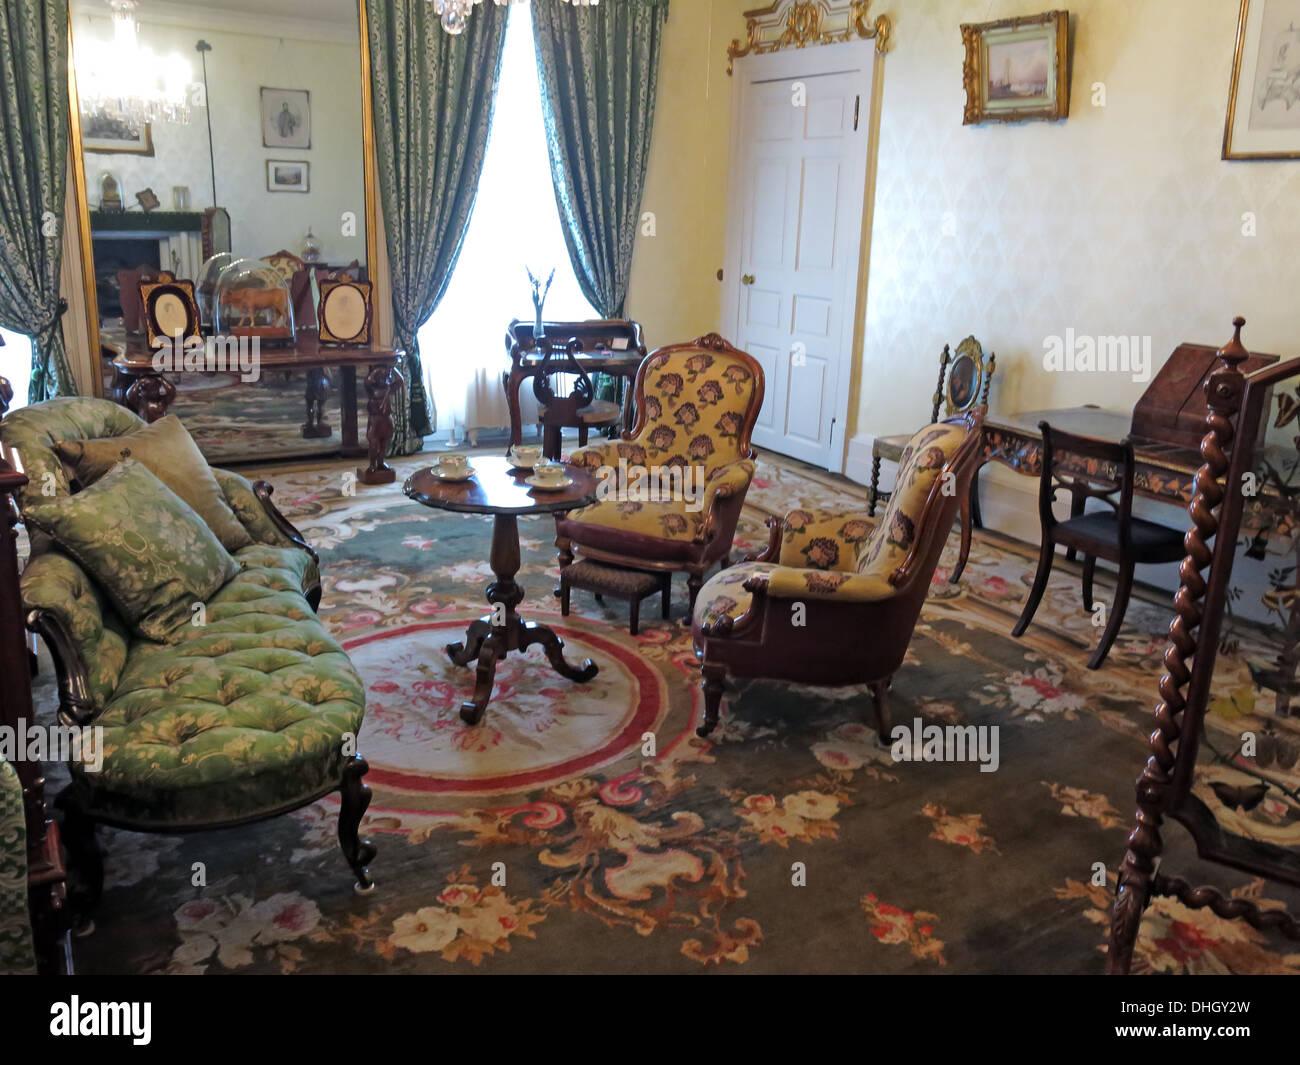 Laden Sie dieses Alamy Stockfoto Schlafzimmer, Dunham Massey, abends. NT in der Nähe von Altrincham, Cheshire, England, UK - DHGY2W